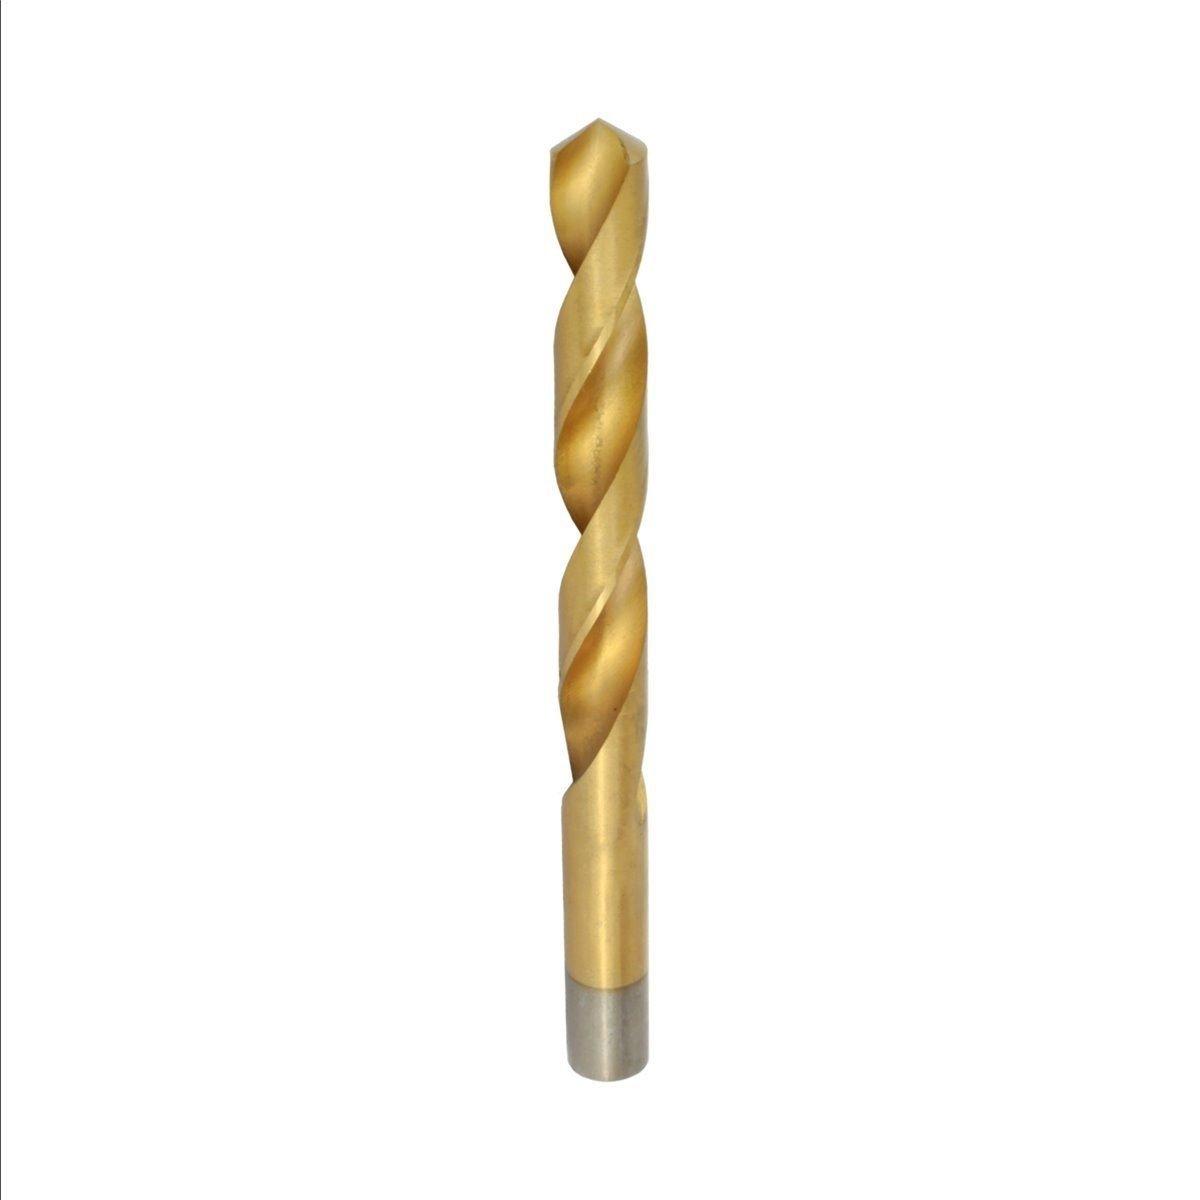 Spiralbohrer Bohrer Stahlbohrer Metallbohrer Eisenbohrer /Ø 12,0 mm titannitriert HSS-TiN Bohrer 5 St/ück